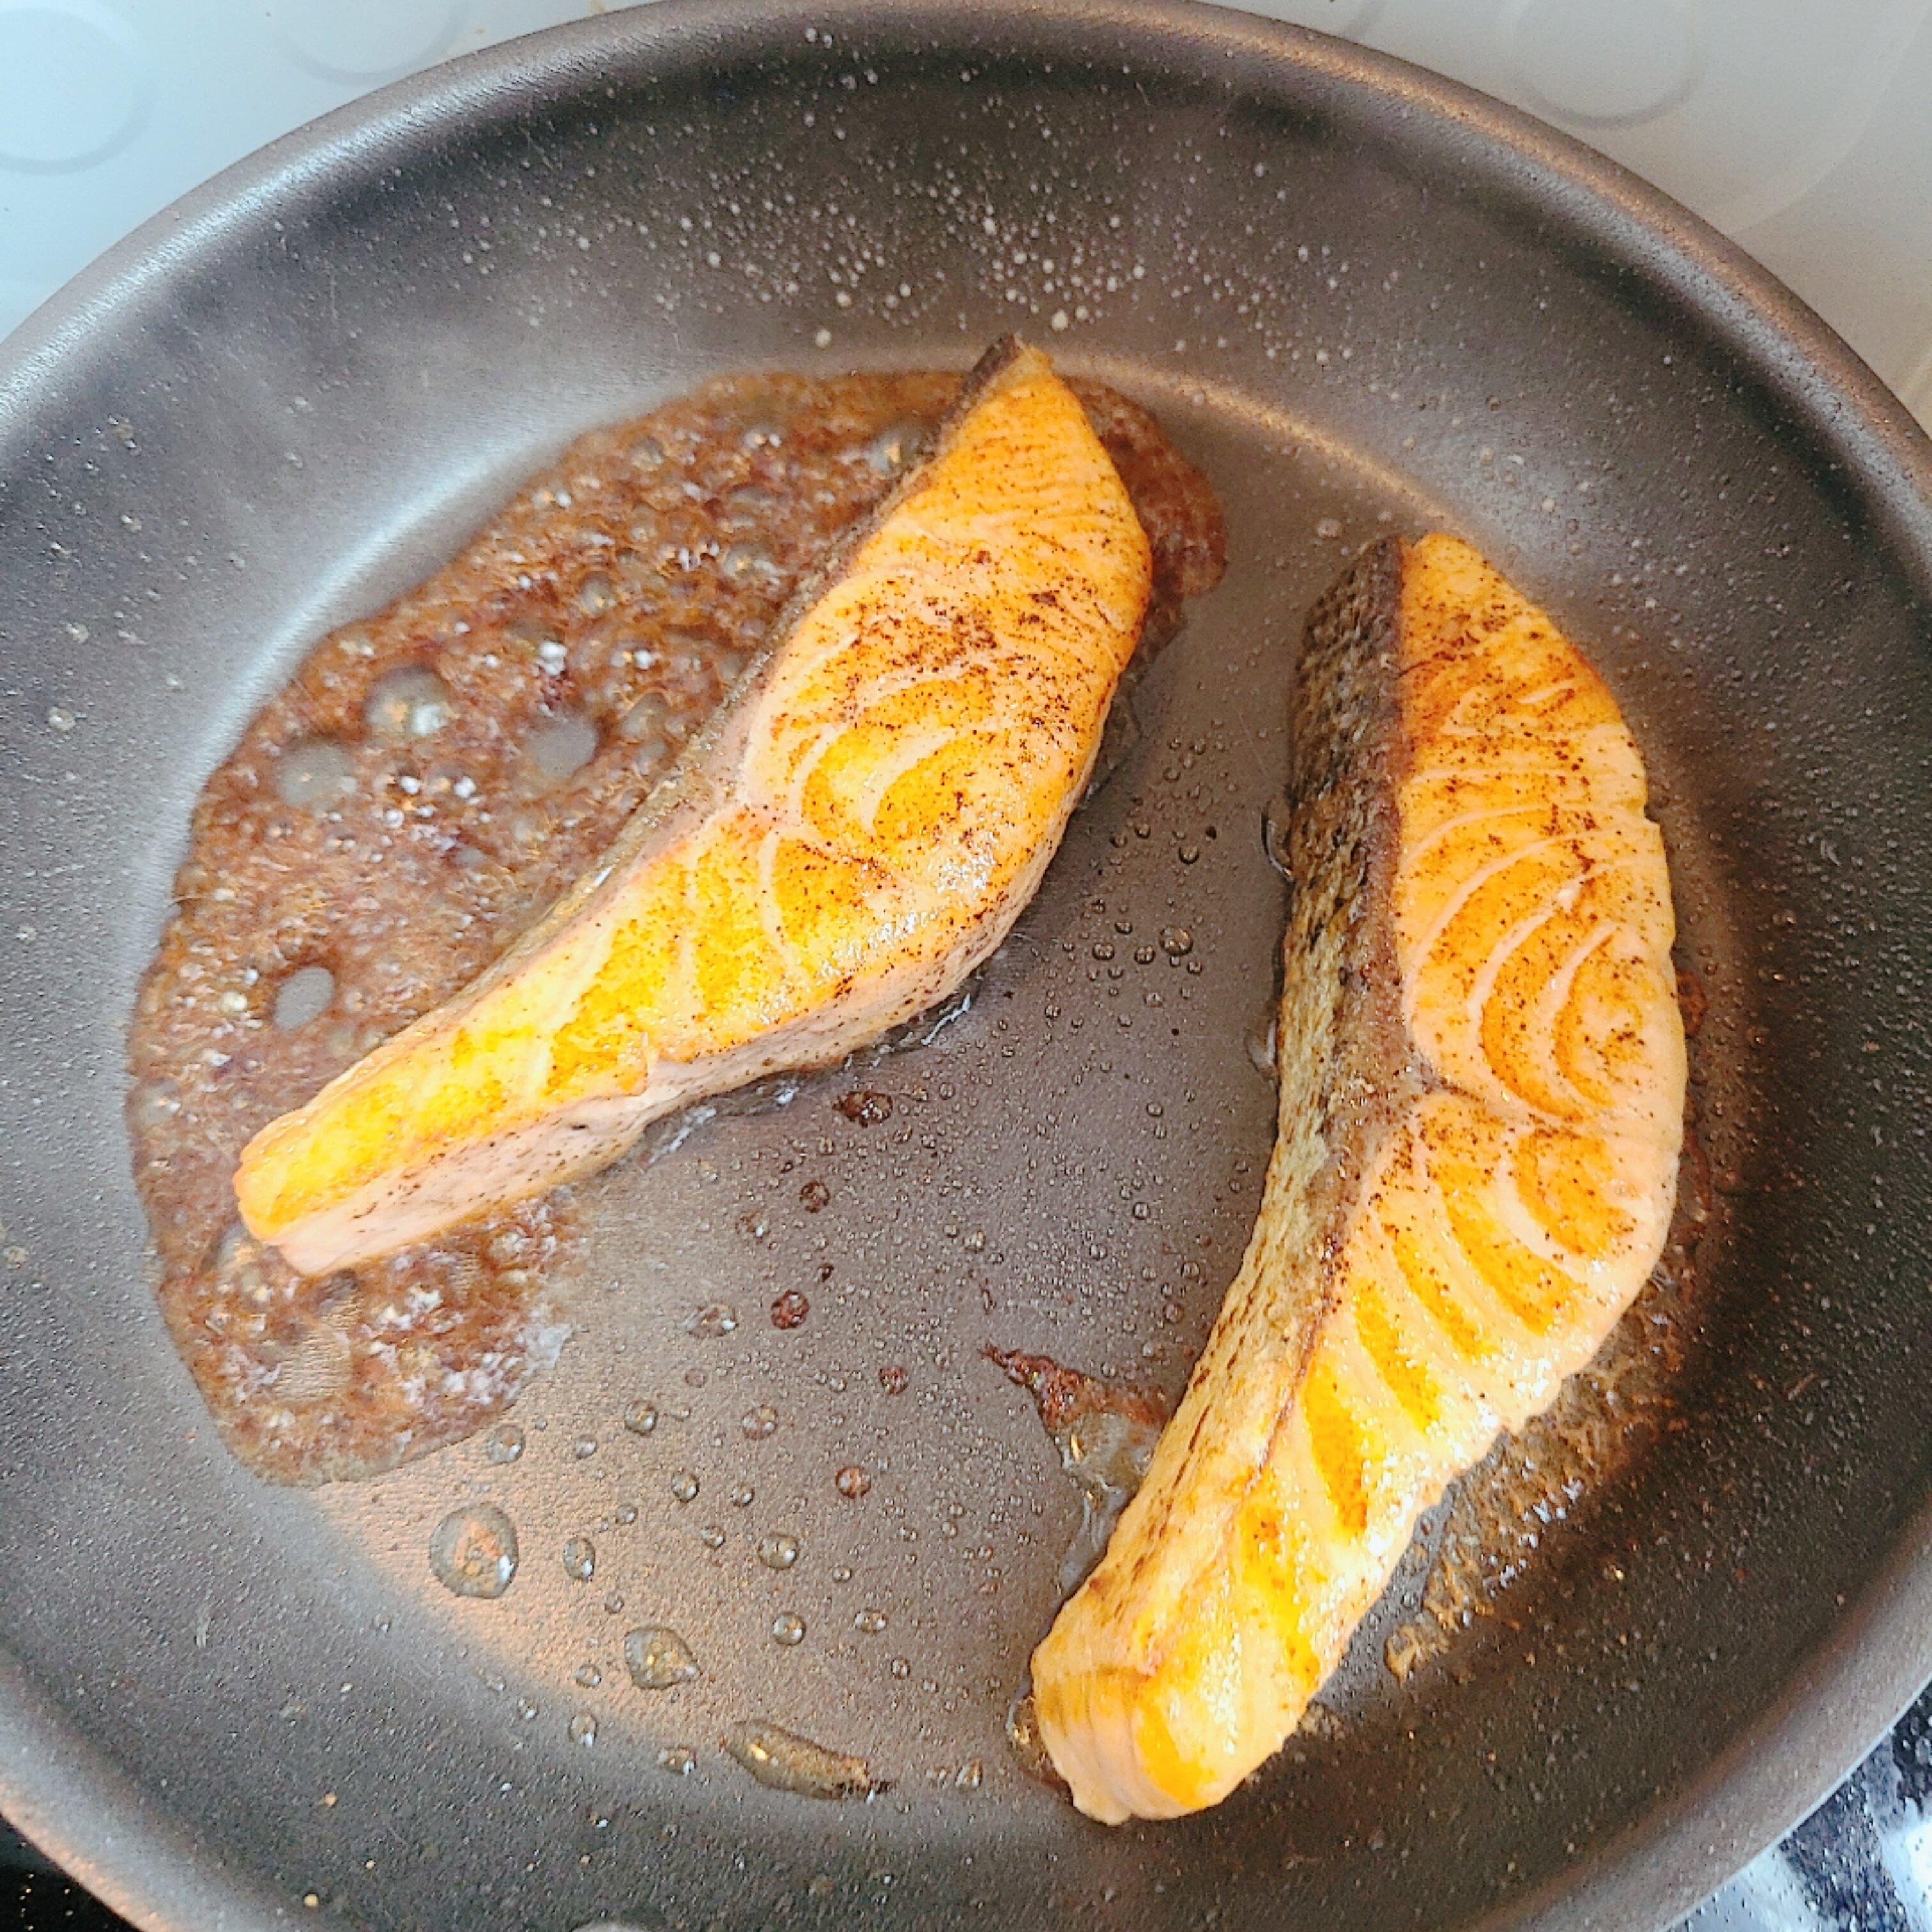 醬油奶油煎鮭魚食譜,做法   YeungMa的Cook1Cook食譜分享